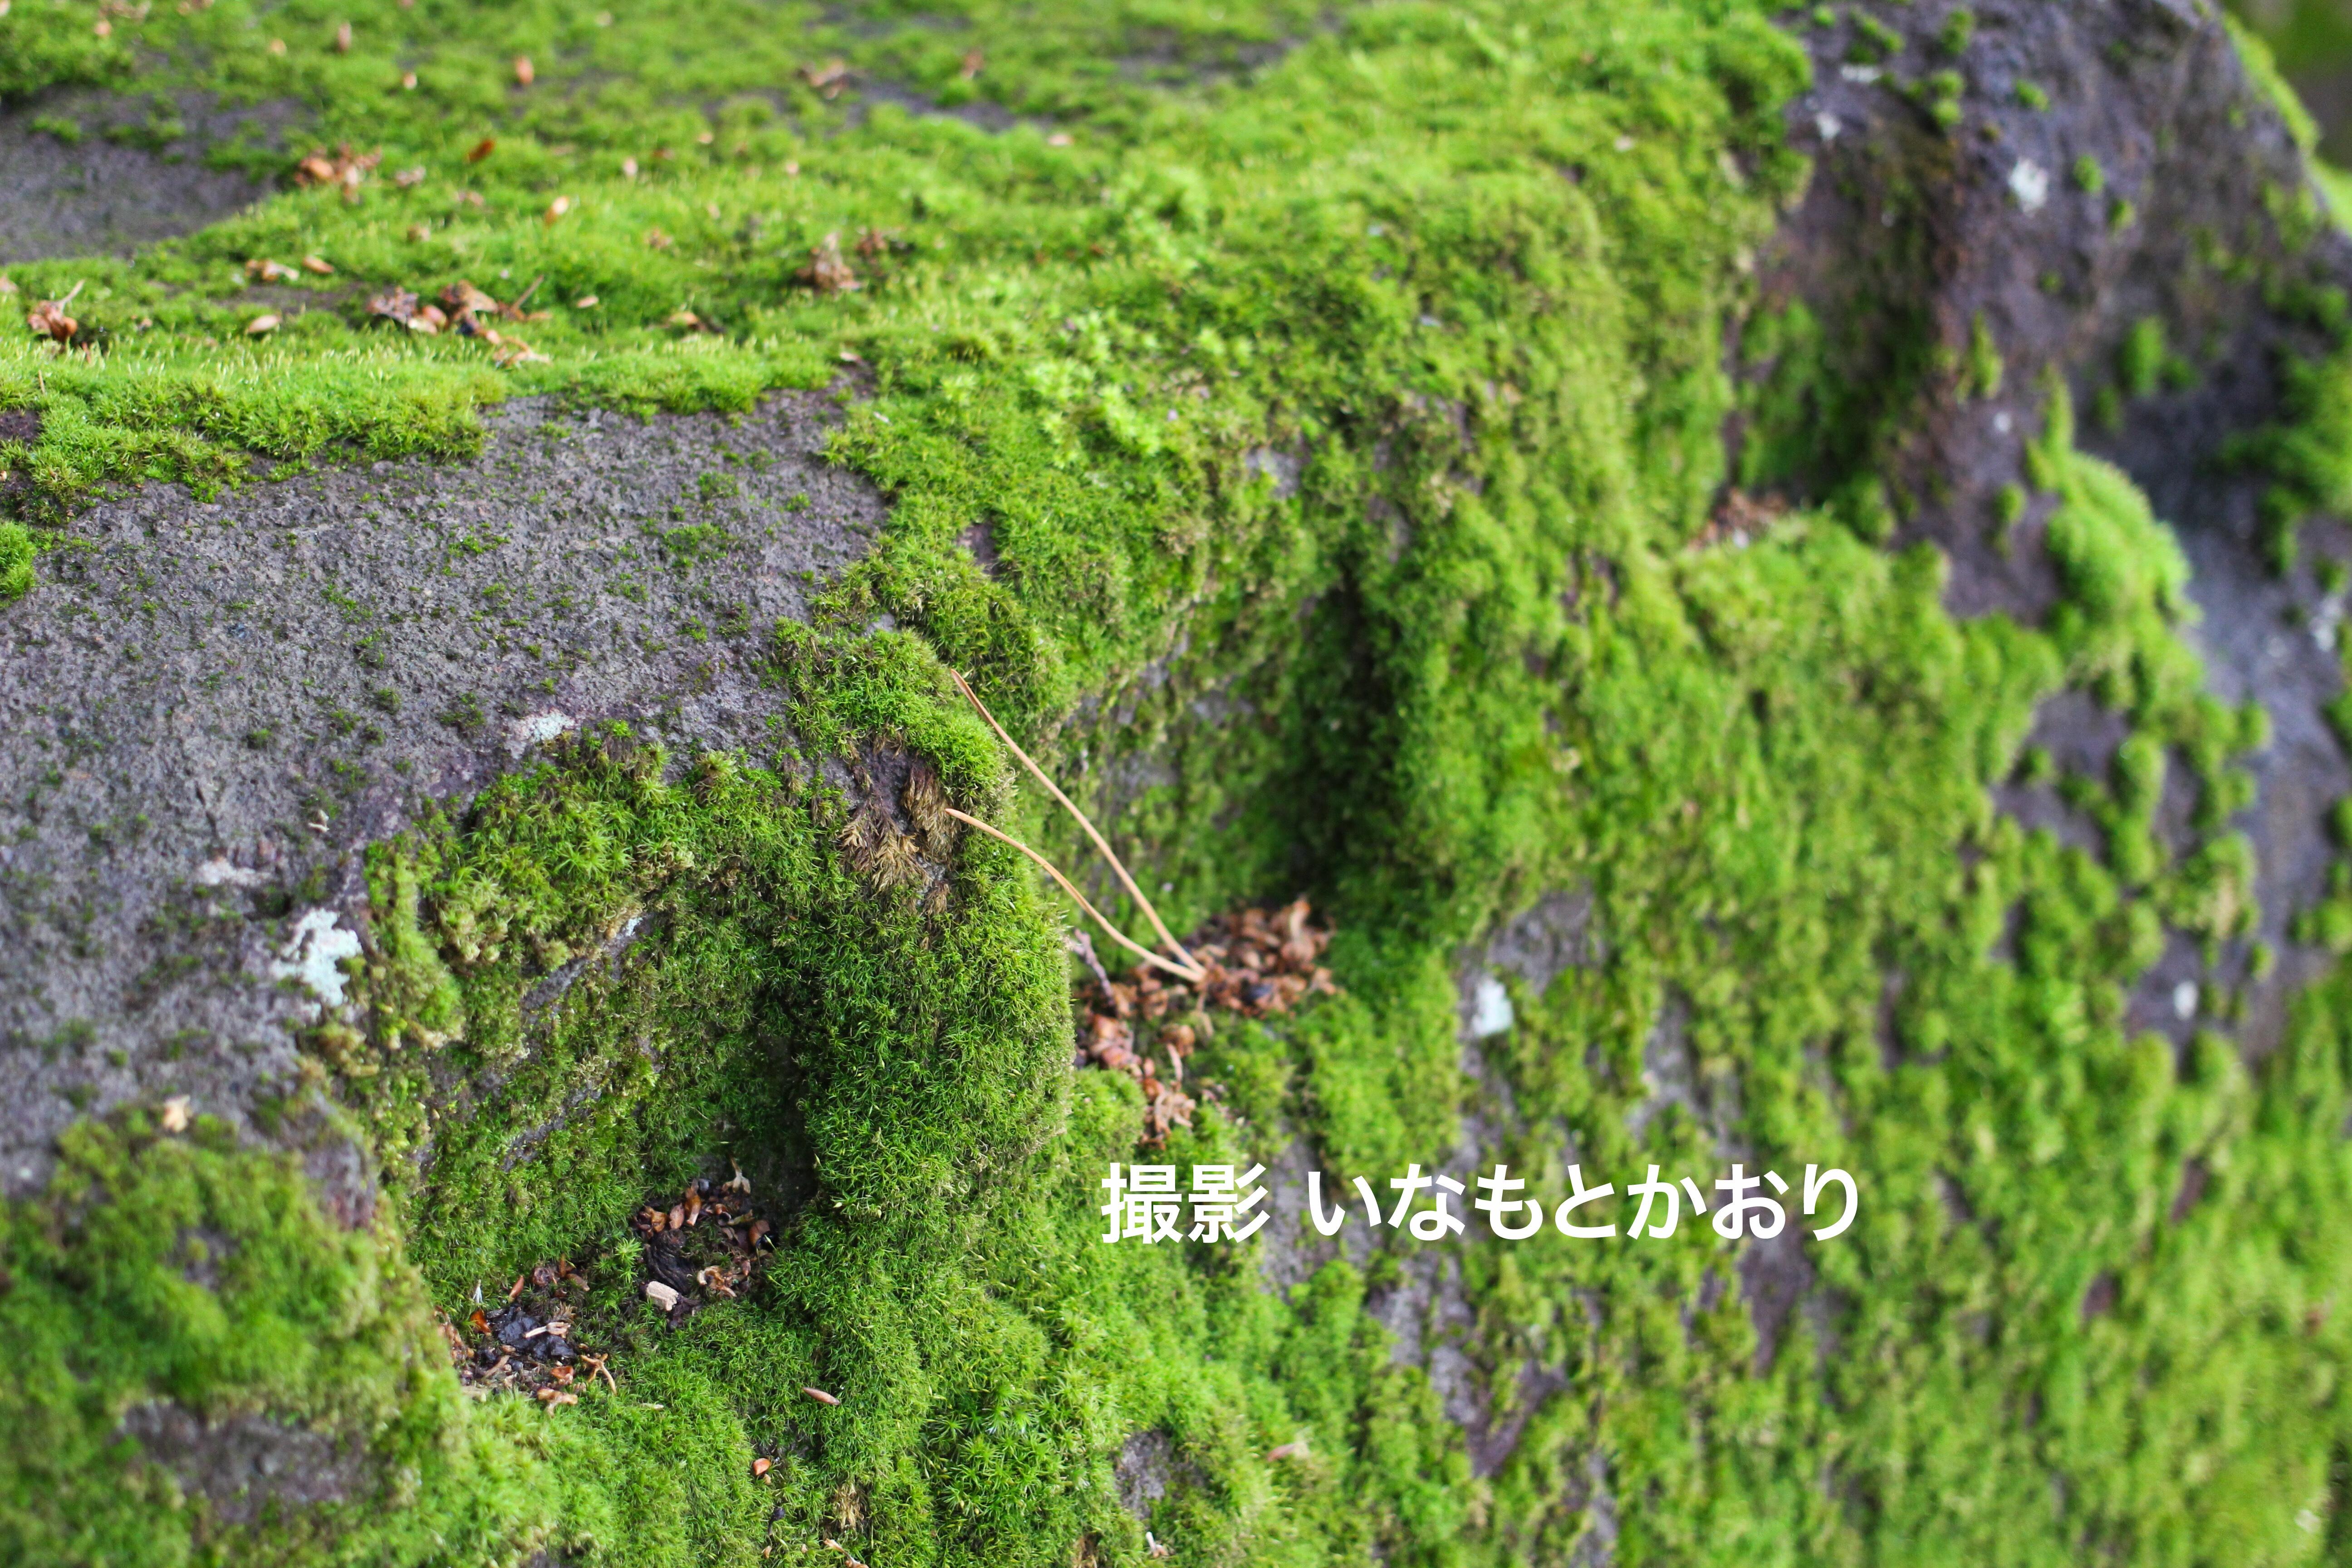 【東伊豆】江戸城を築いた3つの石丁場をめぐる